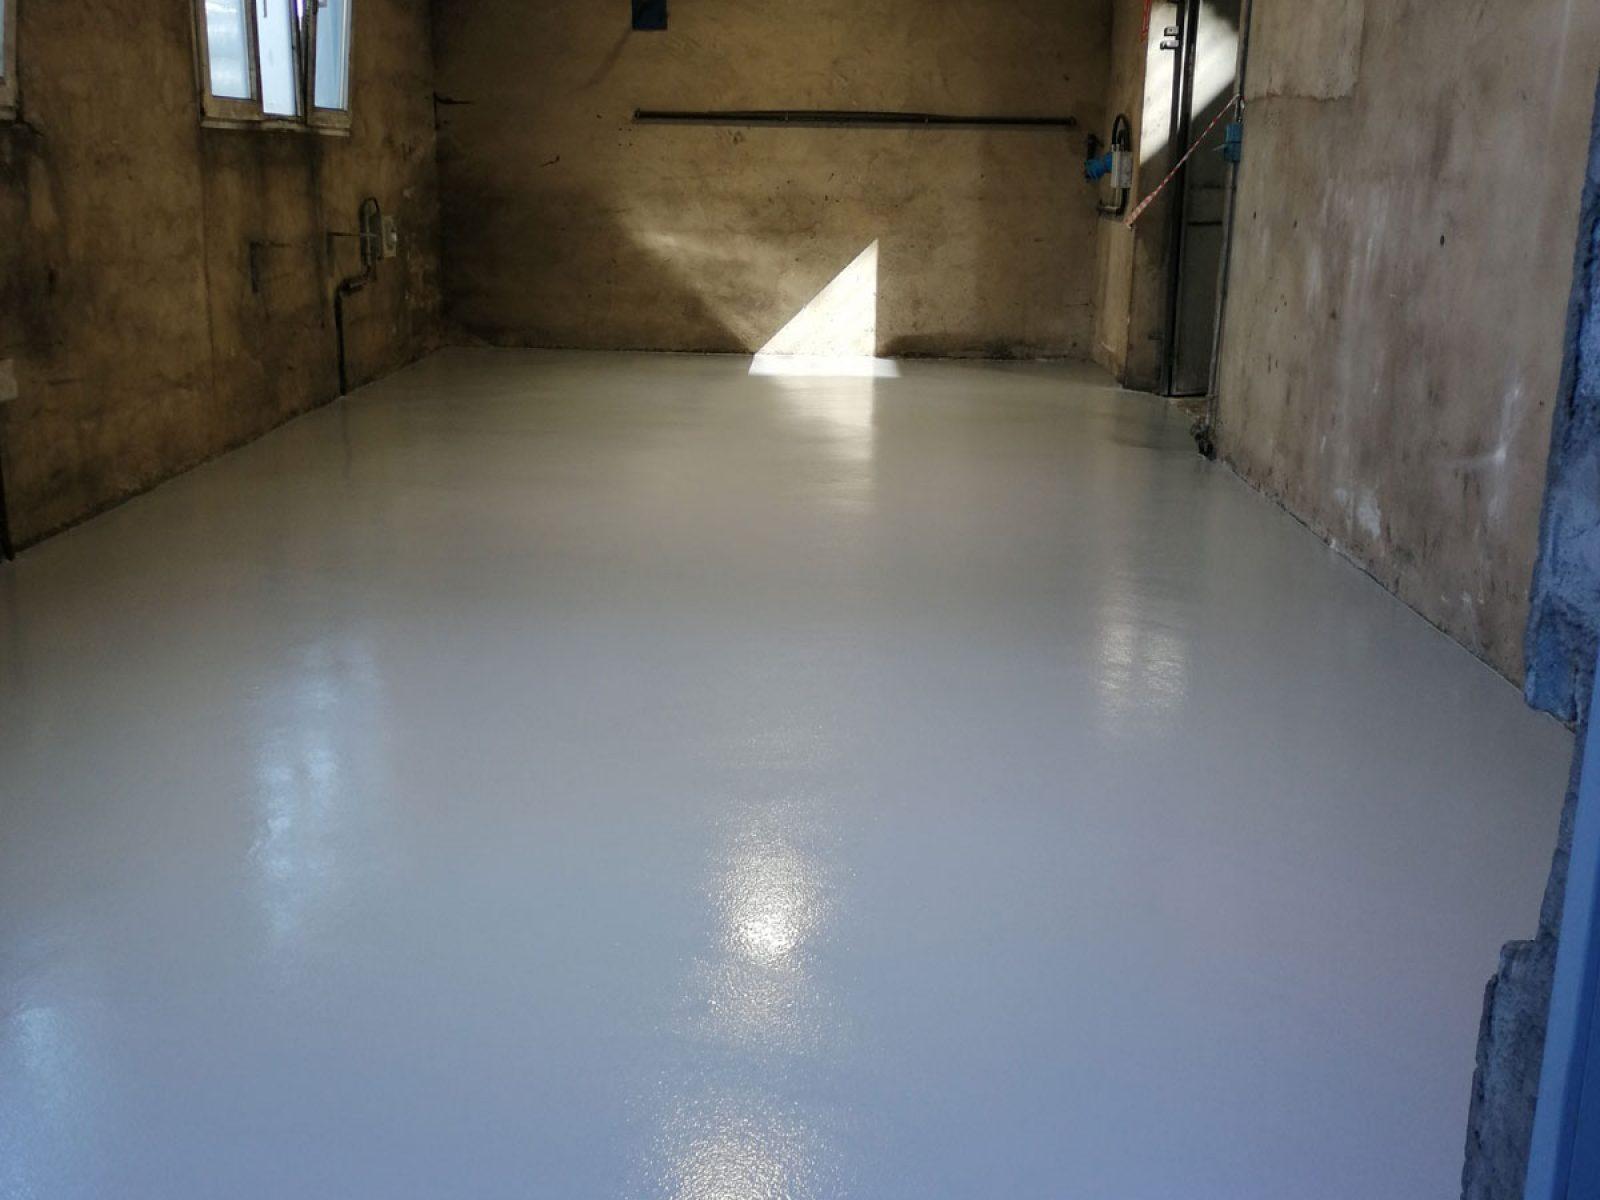 résine de sol semi-lisse en atelier - Alsace - 04